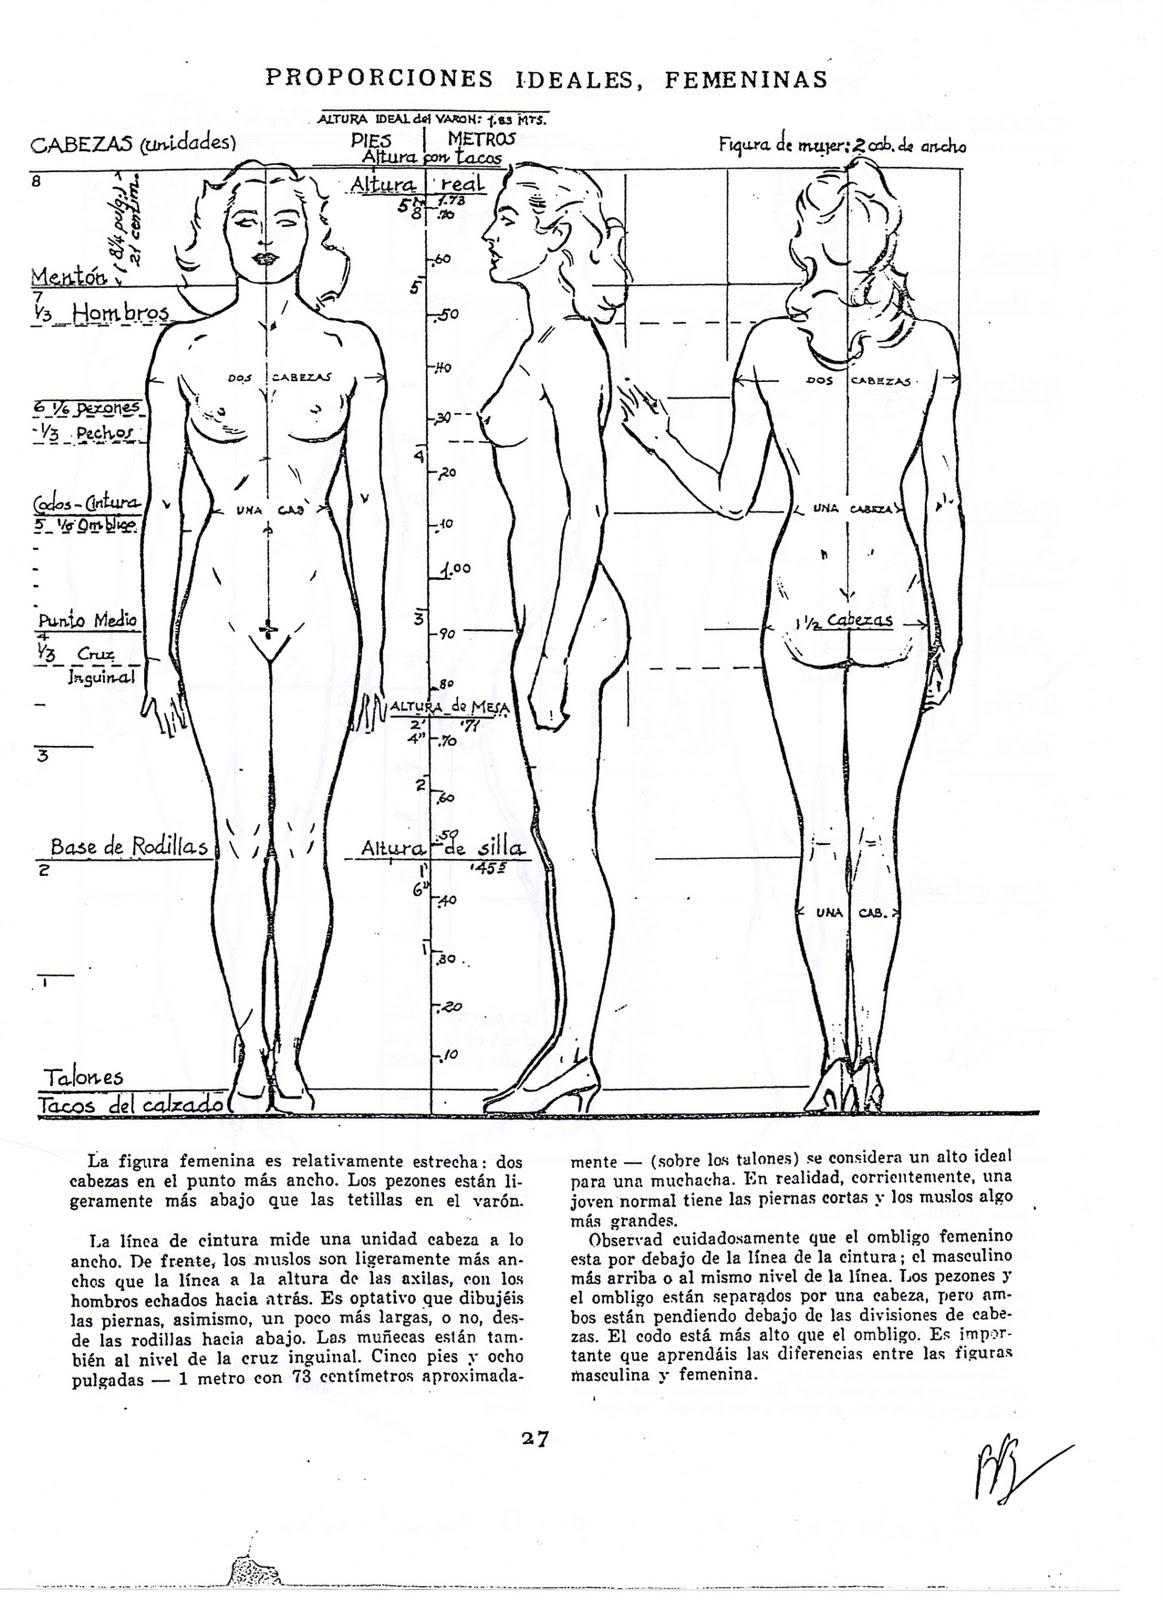 Dibujo artistico ii proporciones ideales del cuerpo humano for Medidas ergonomicas del cuerpo humano